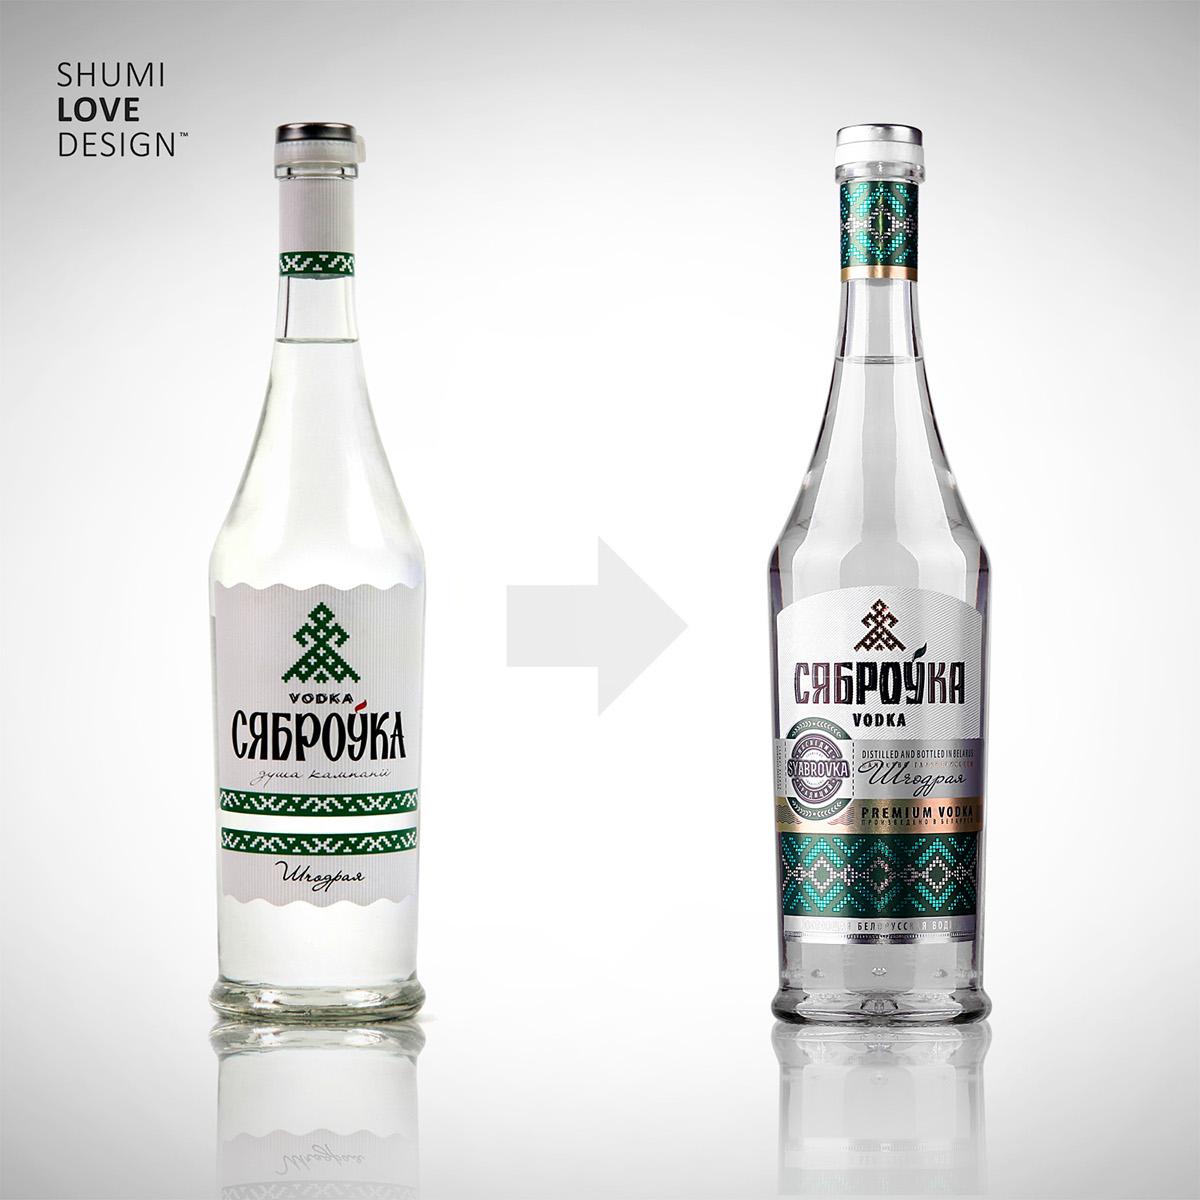 Vodka label design Sumilov shumilovedesign